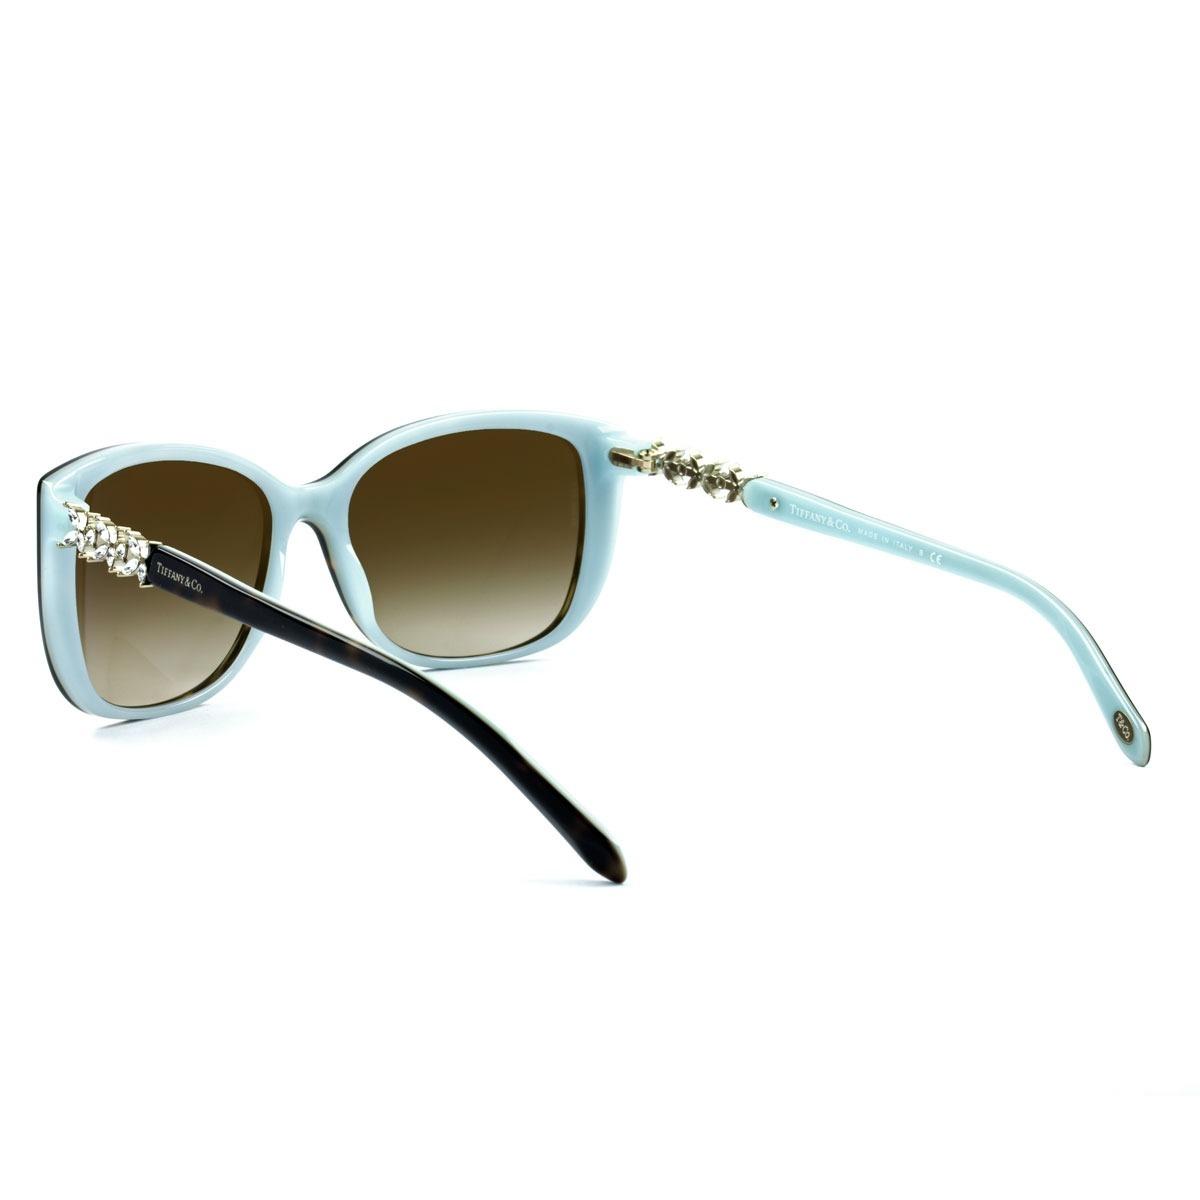 a39c044cf3084 Óculos De Sol Tiffany   Co. 4090-b 8134 3b 57 - Nota Fiscal - R ...